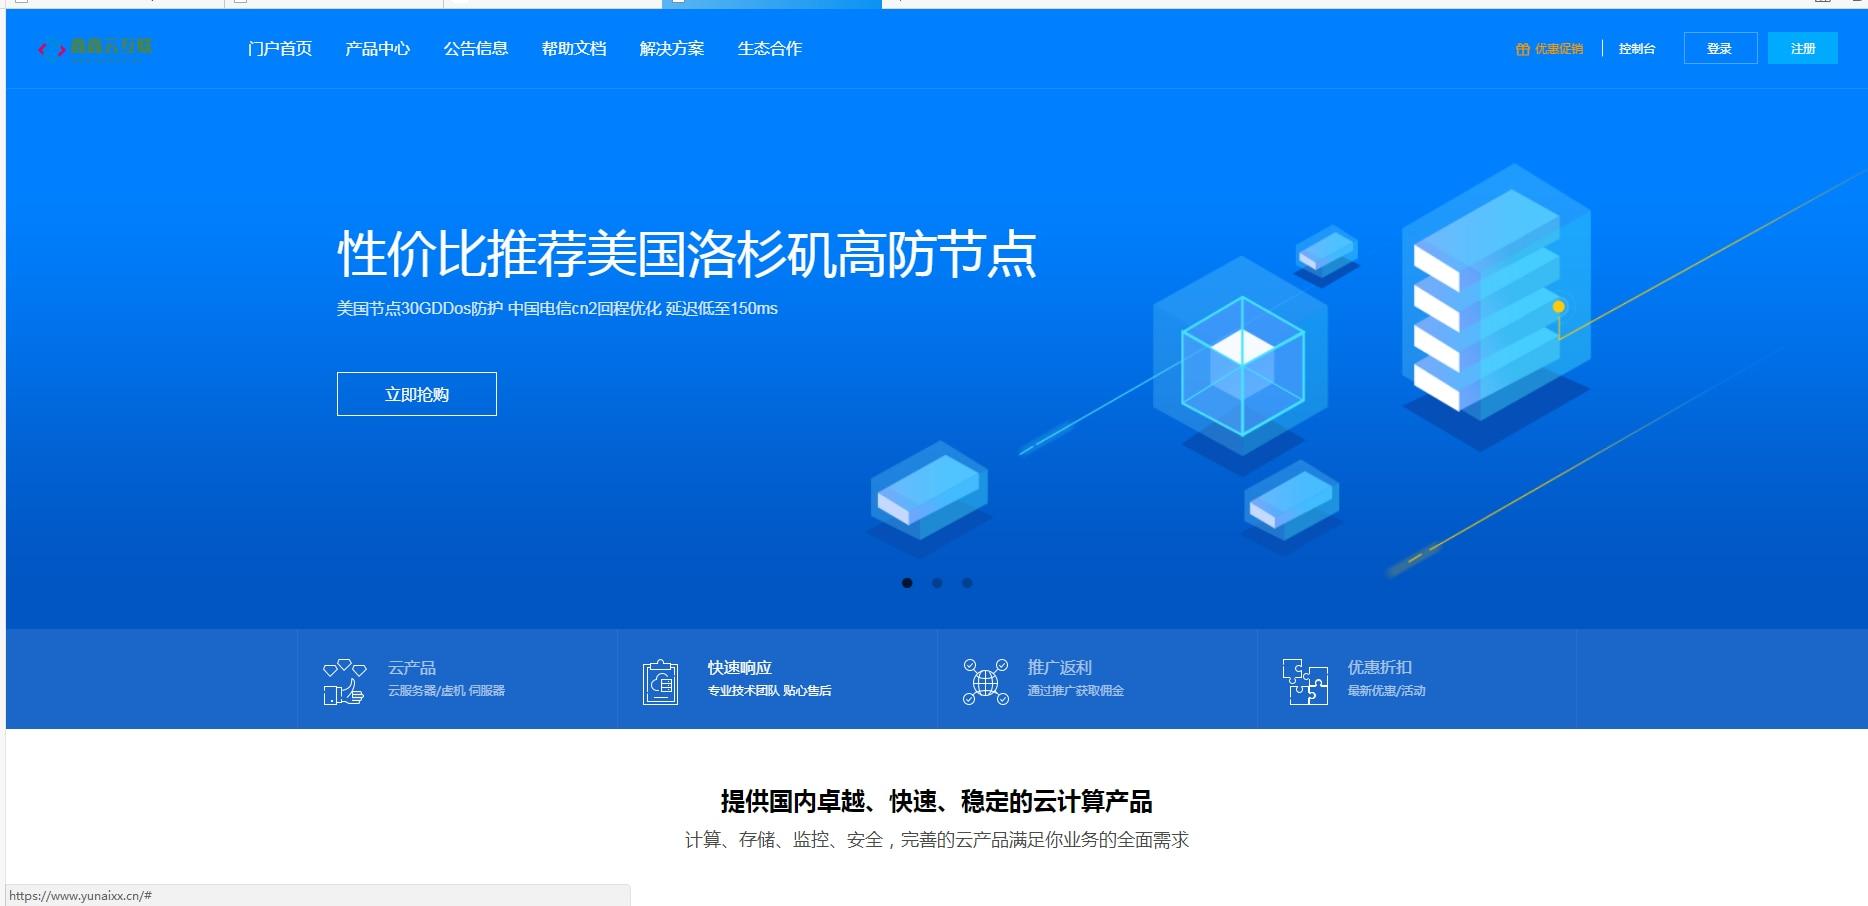 【模板插件】WHMCS V7.10.1中文开心版整套安装及教程